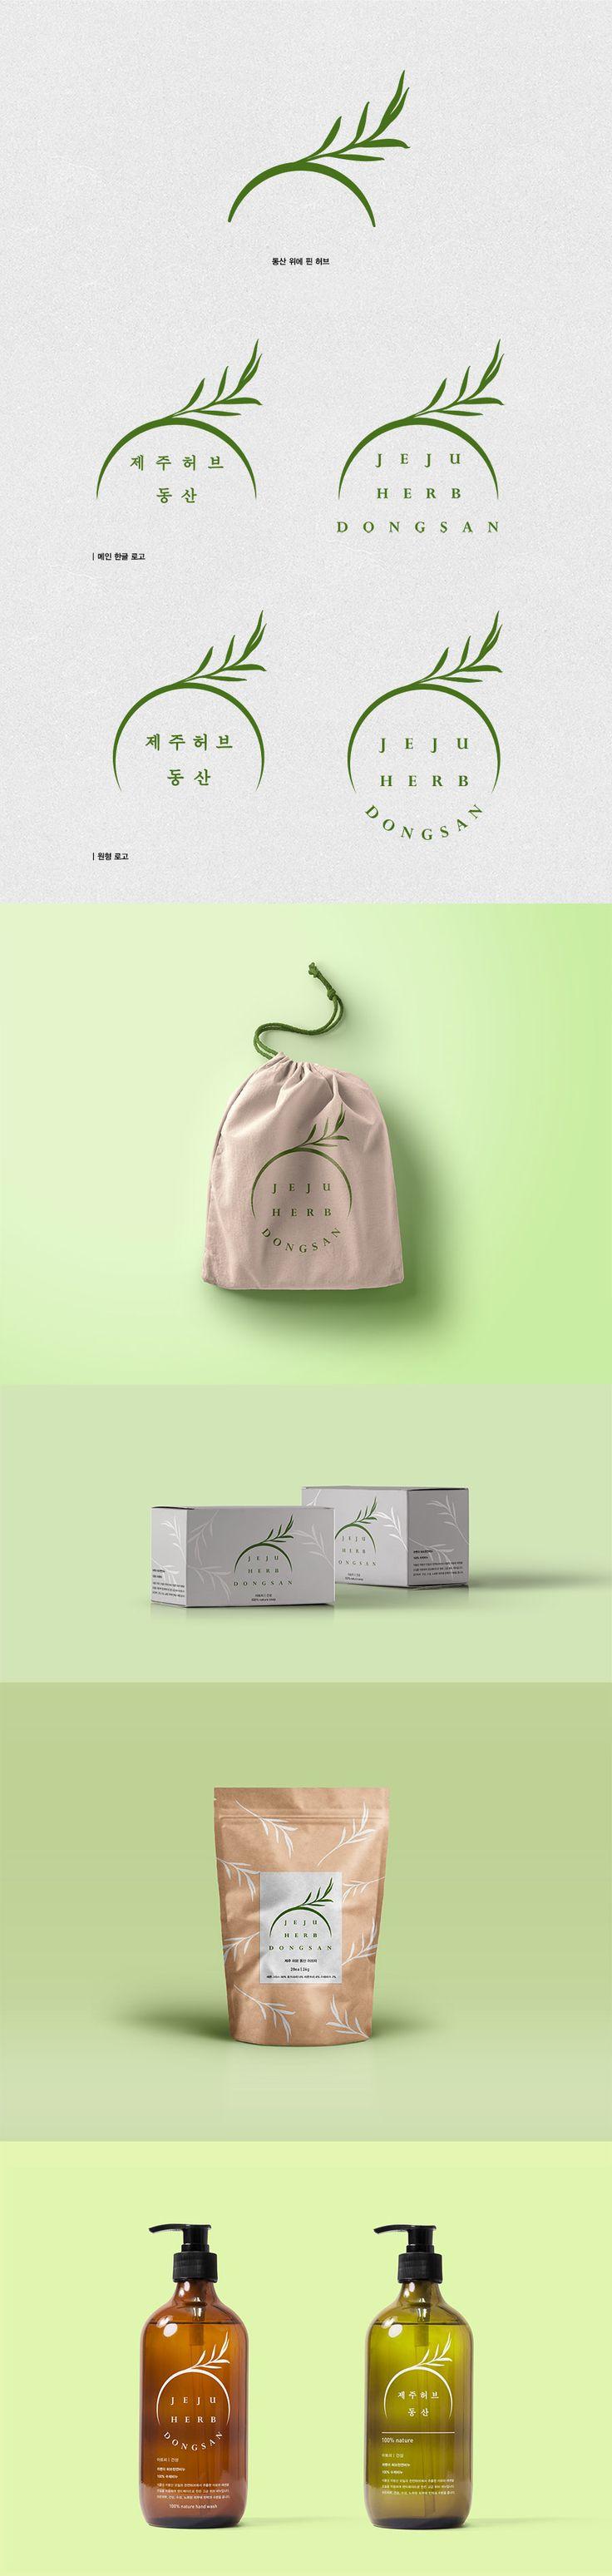 #로고디자인 #로고 #테마파크 #제주 #디자인 #디자이너 #라우드소싱 #레퍼런스 #logo #design 제주테마파크 naneya79님의 작품이 우승작으로 선정되었습니다.